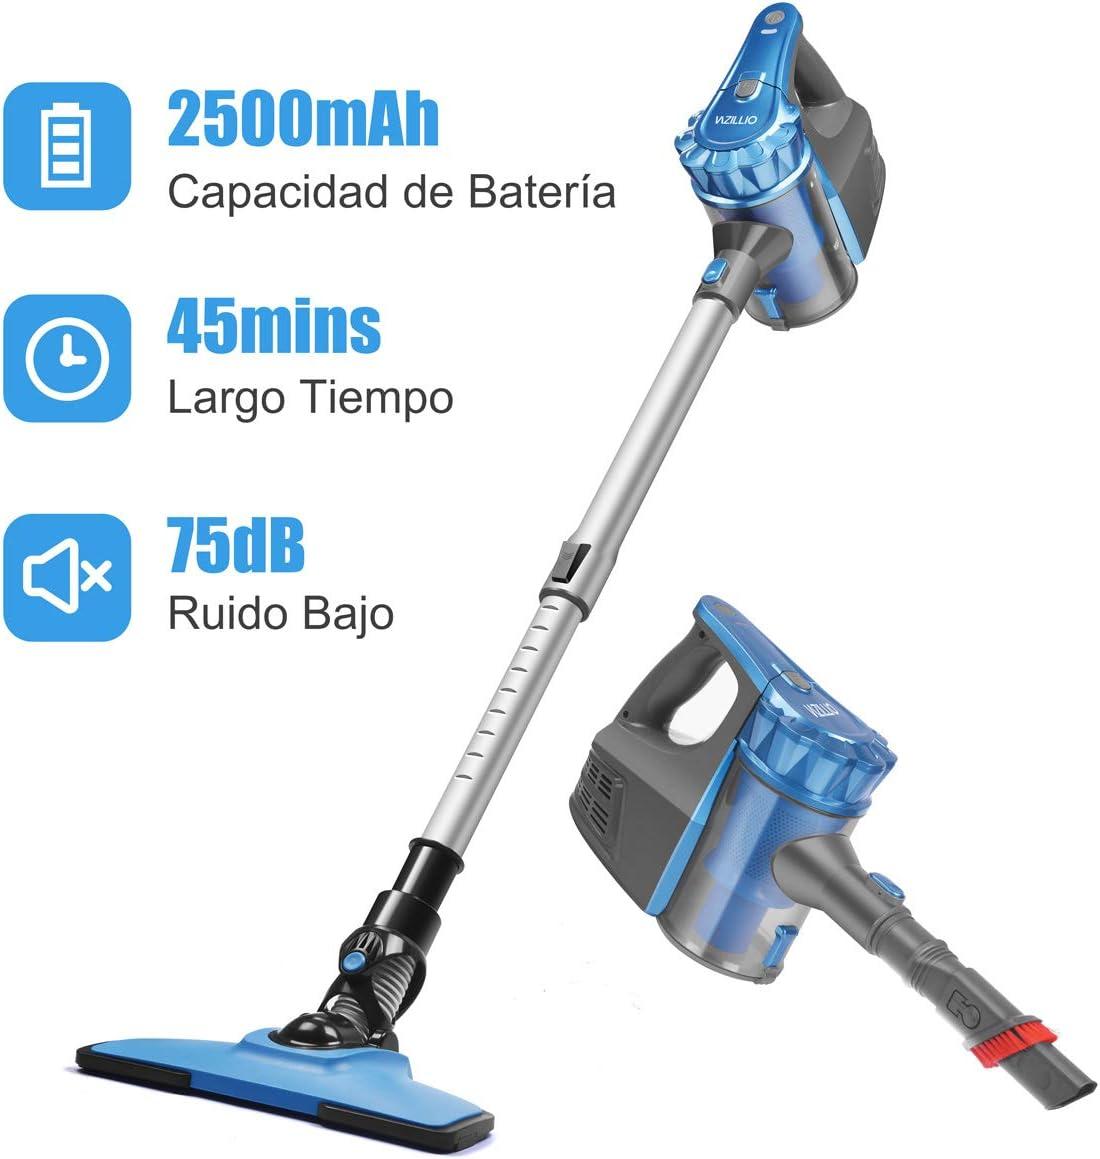 Aspiradora Escoba sin Cable, Aspirador de Mano Ultraligero y Inalámbrico, 0.8L, 2 Velocidades 9000PA Potente 2500mAh Batería Recargable Ion-Litio para Hogar Azul